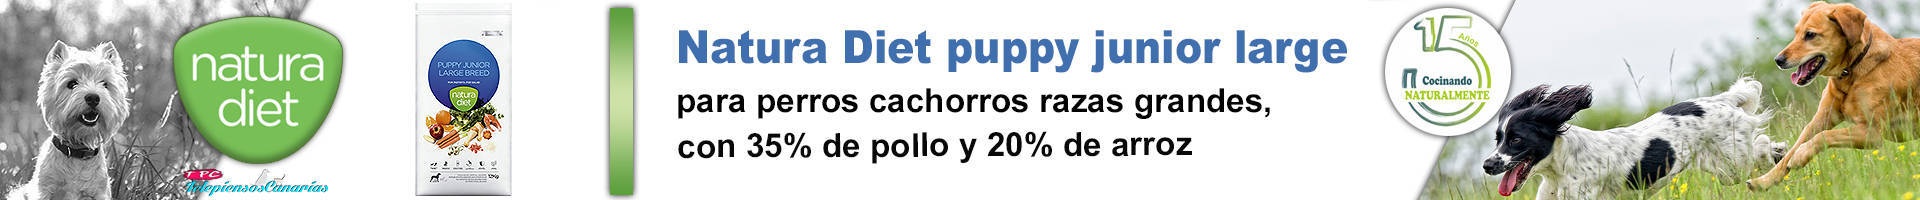 Natura diet puppy junior large breed pienso para razas grandes